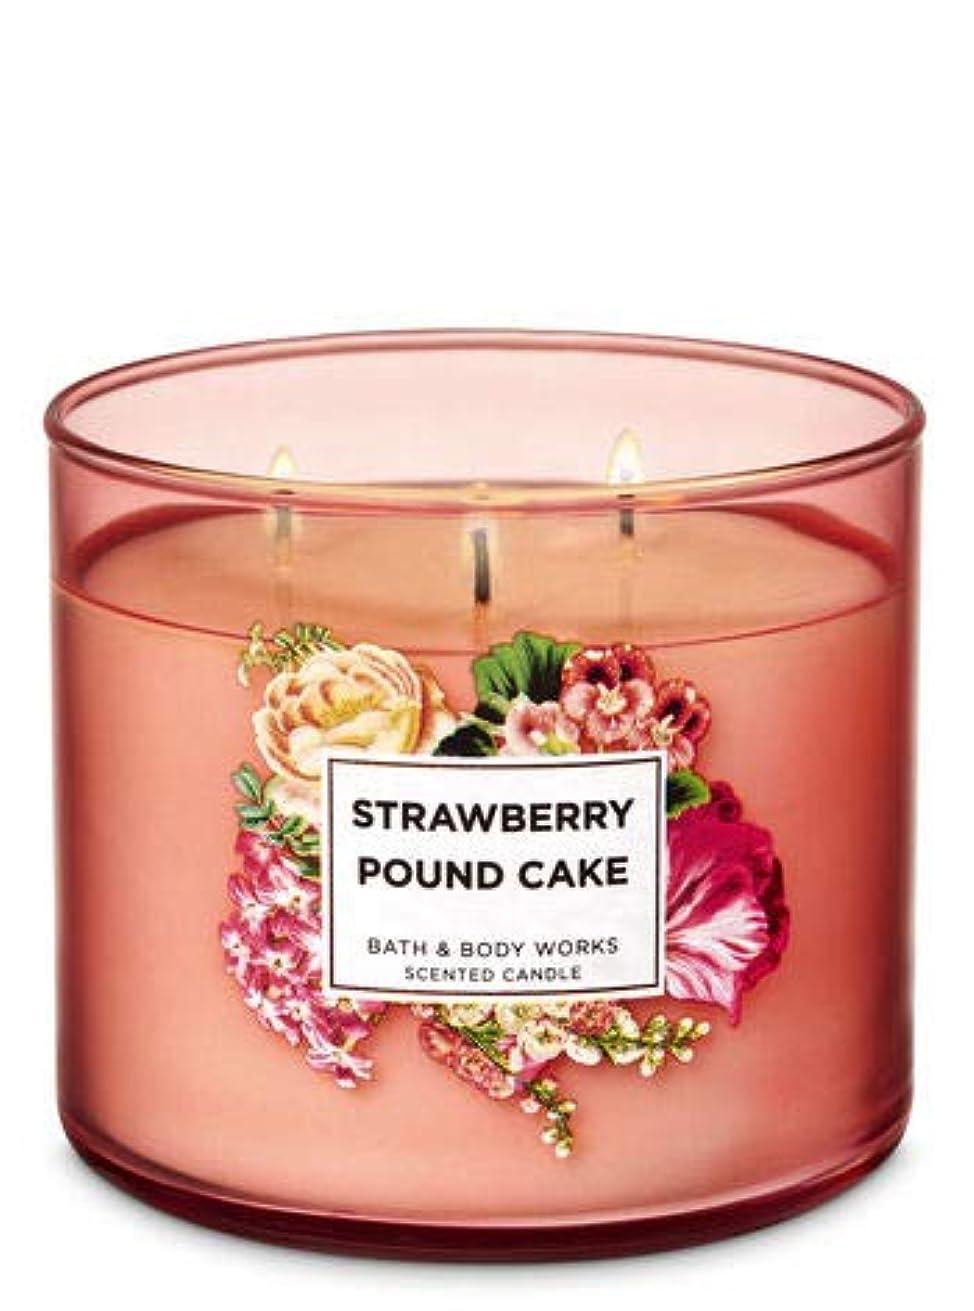 会話ふけるゴシップ【Bath&Body Works/バス&ボディワークス】 アロマキャンドル ストロベリーパウンドケーキ 3-Wick Scented Candle Strawberry Pound Cake 14.5oz/411g [並行輸入品]